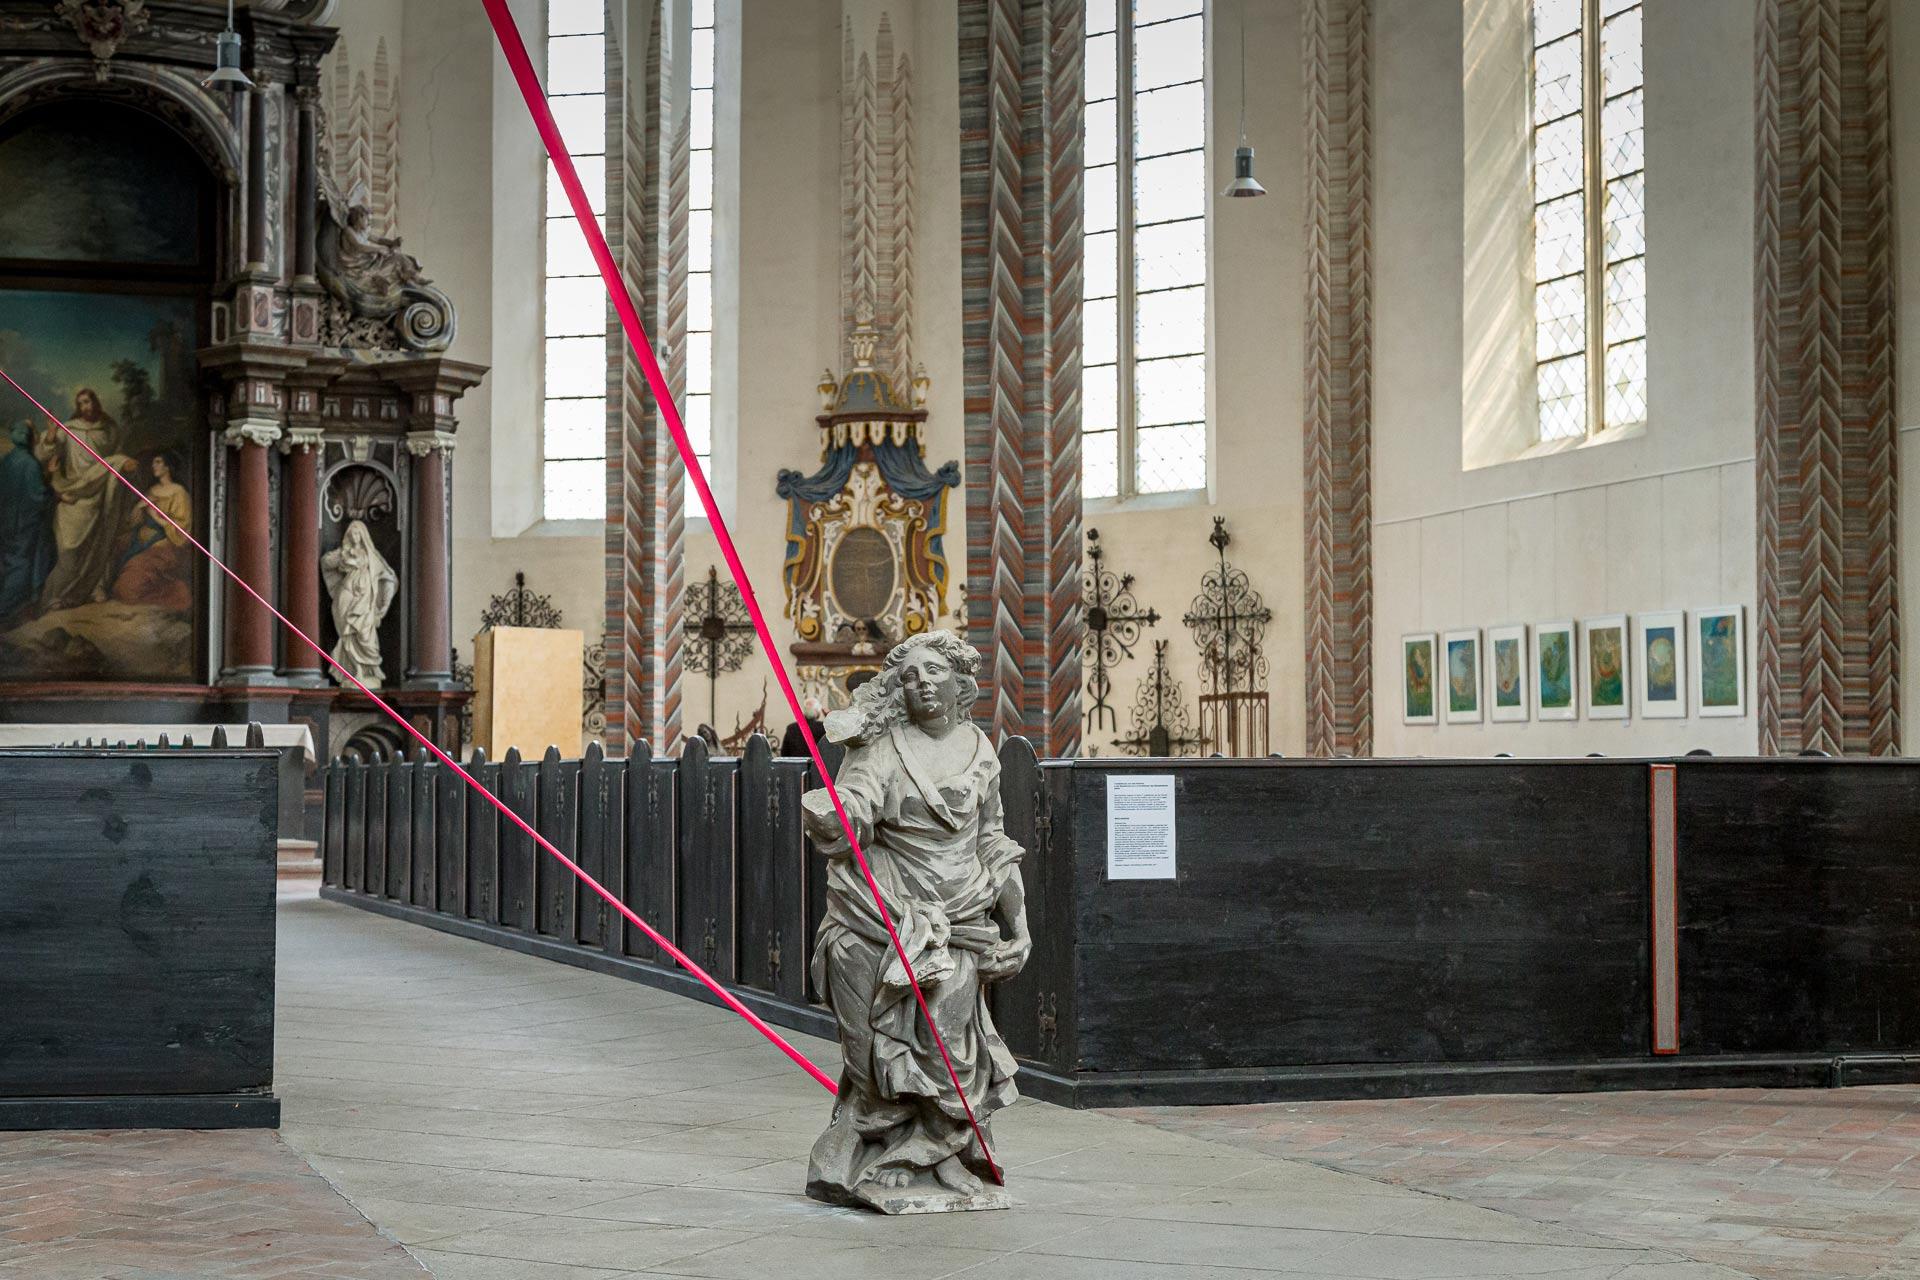 """Ausstellungseröffnung """"anderswo hier""""-Sylvia Wolff, Performance """"Finsternis leuchte"""" - Jens Reulecke 2017 in Görlitz"""